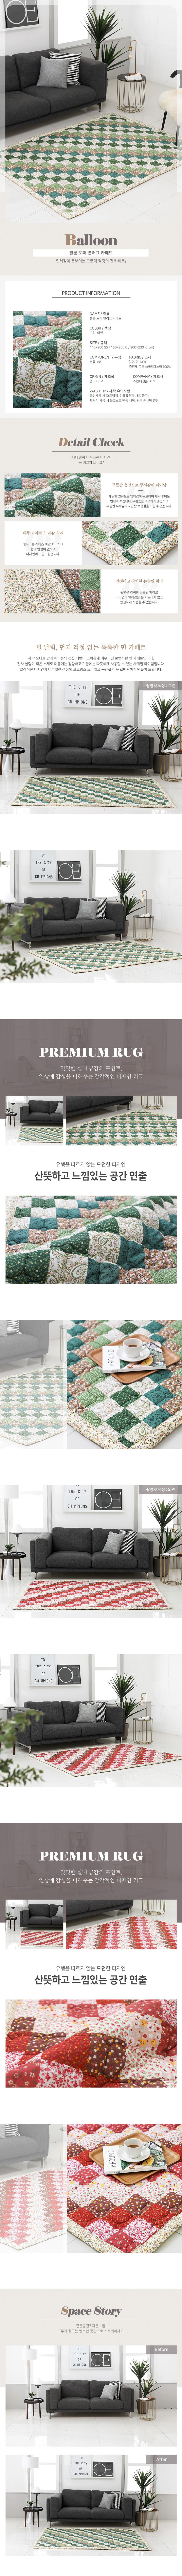 벌룬 토퍼 면러그 카페트 110x200 SS 2색 택1 - 스칸디앤홈, 37,100원, 디자인러그, 디자인러그